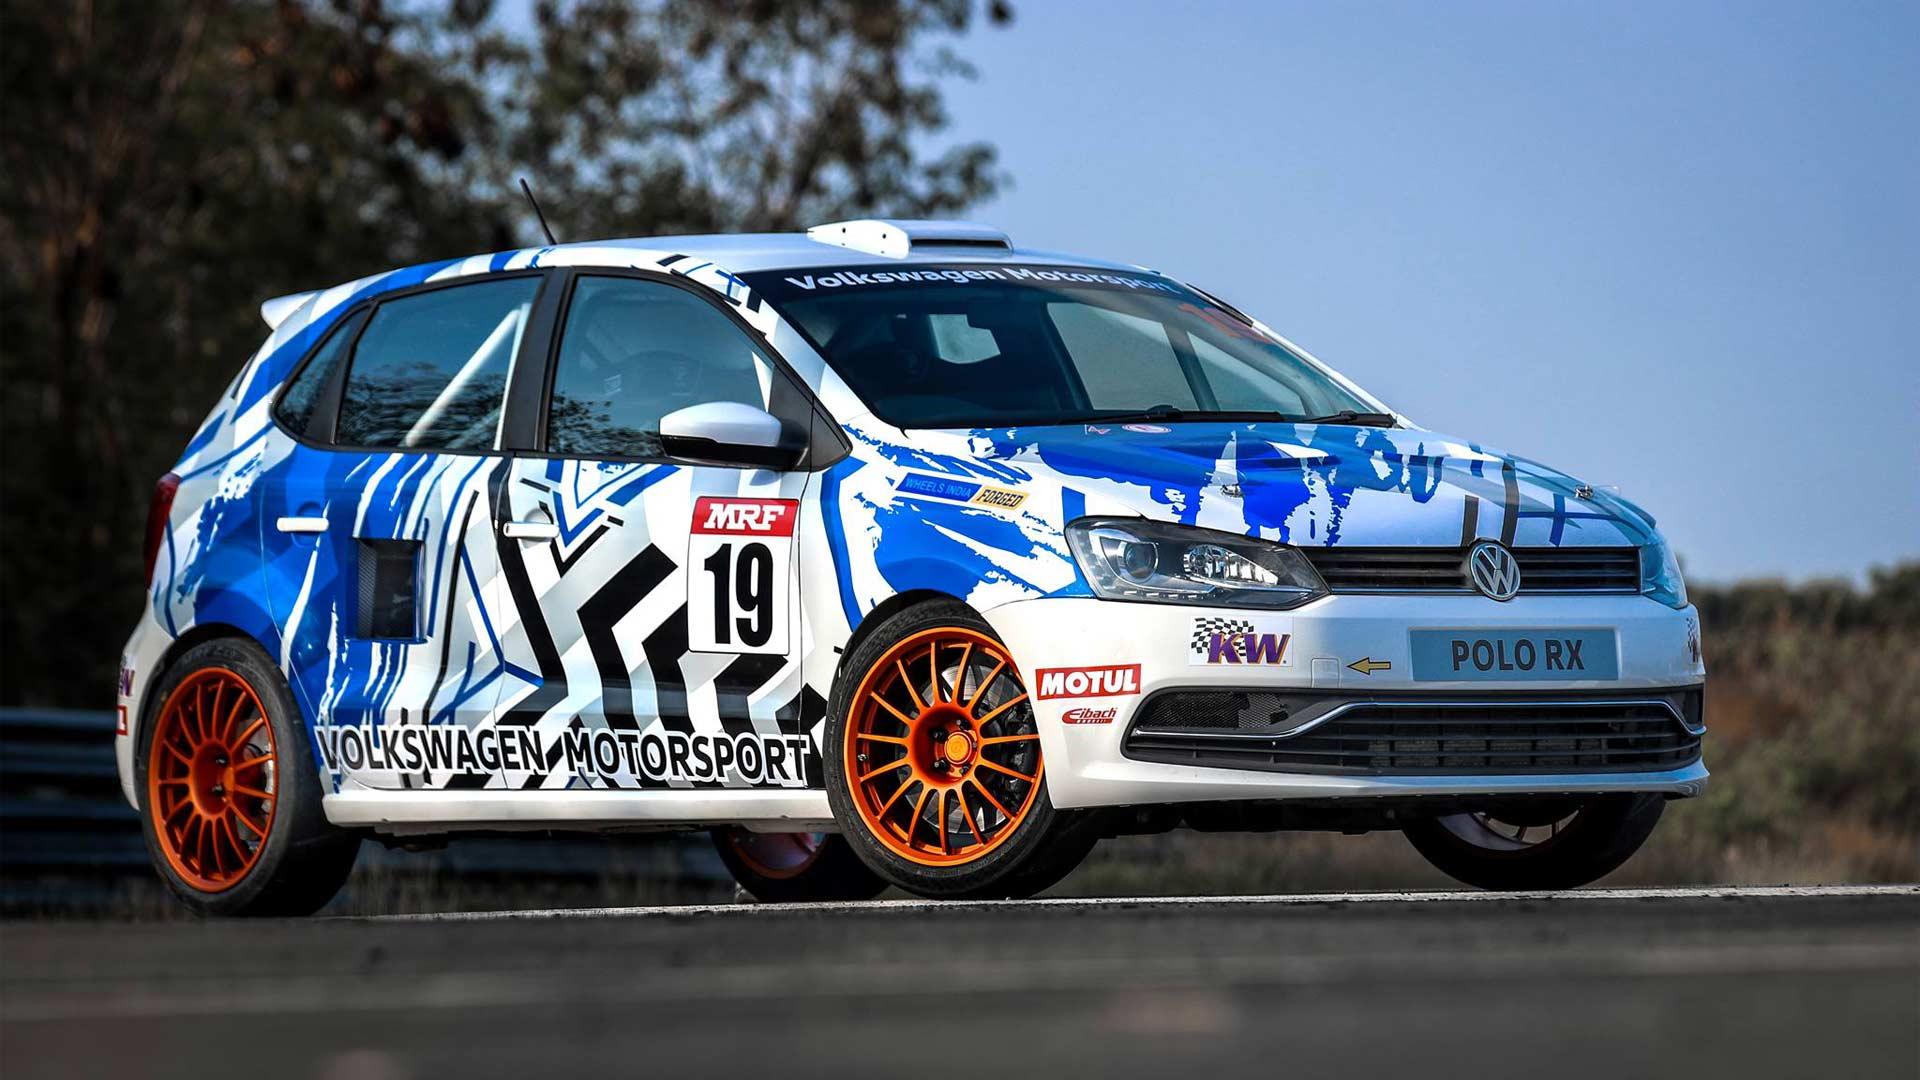 Volkswagen-Motorsport-Polo-RX-2019_2